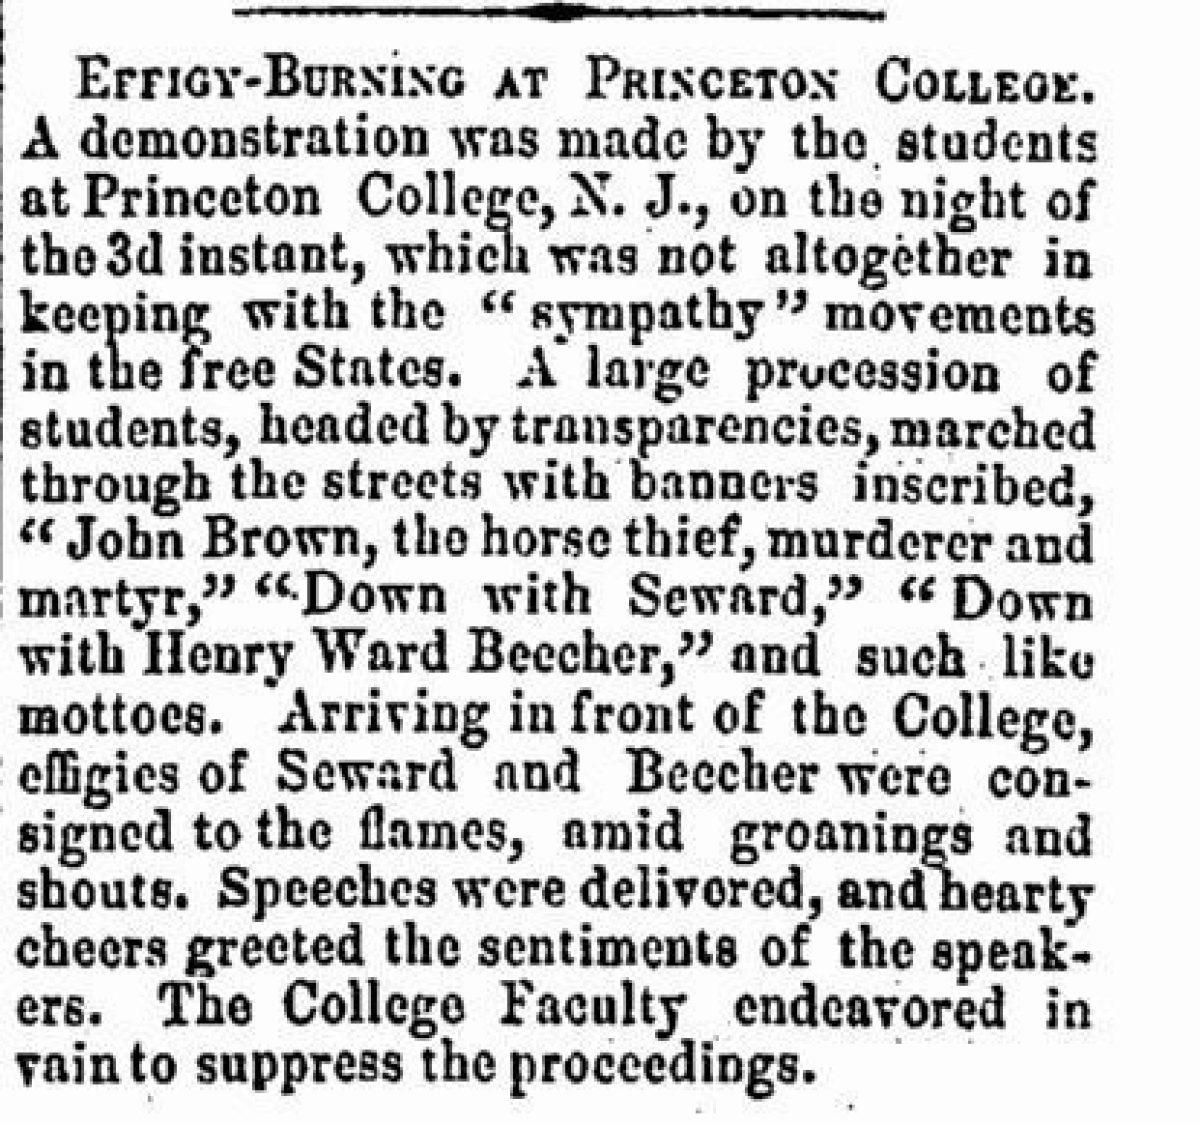 Effigy Burning At Princeton College